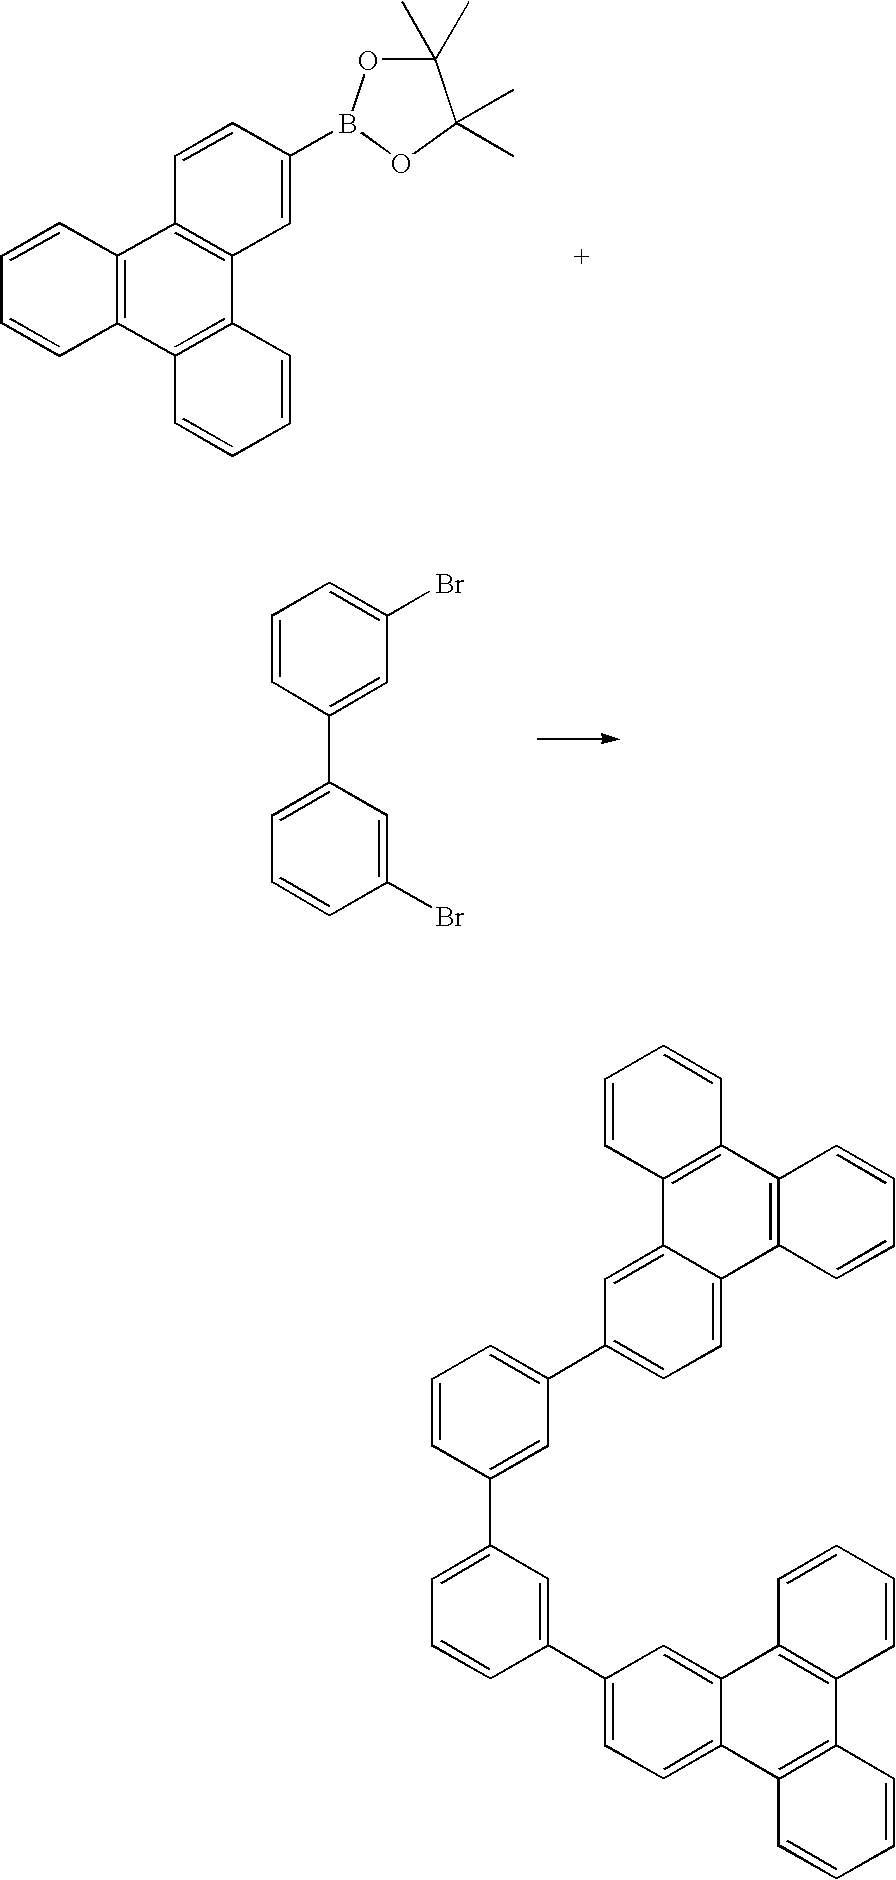 Figure US20060280965A1-20061214-C00035